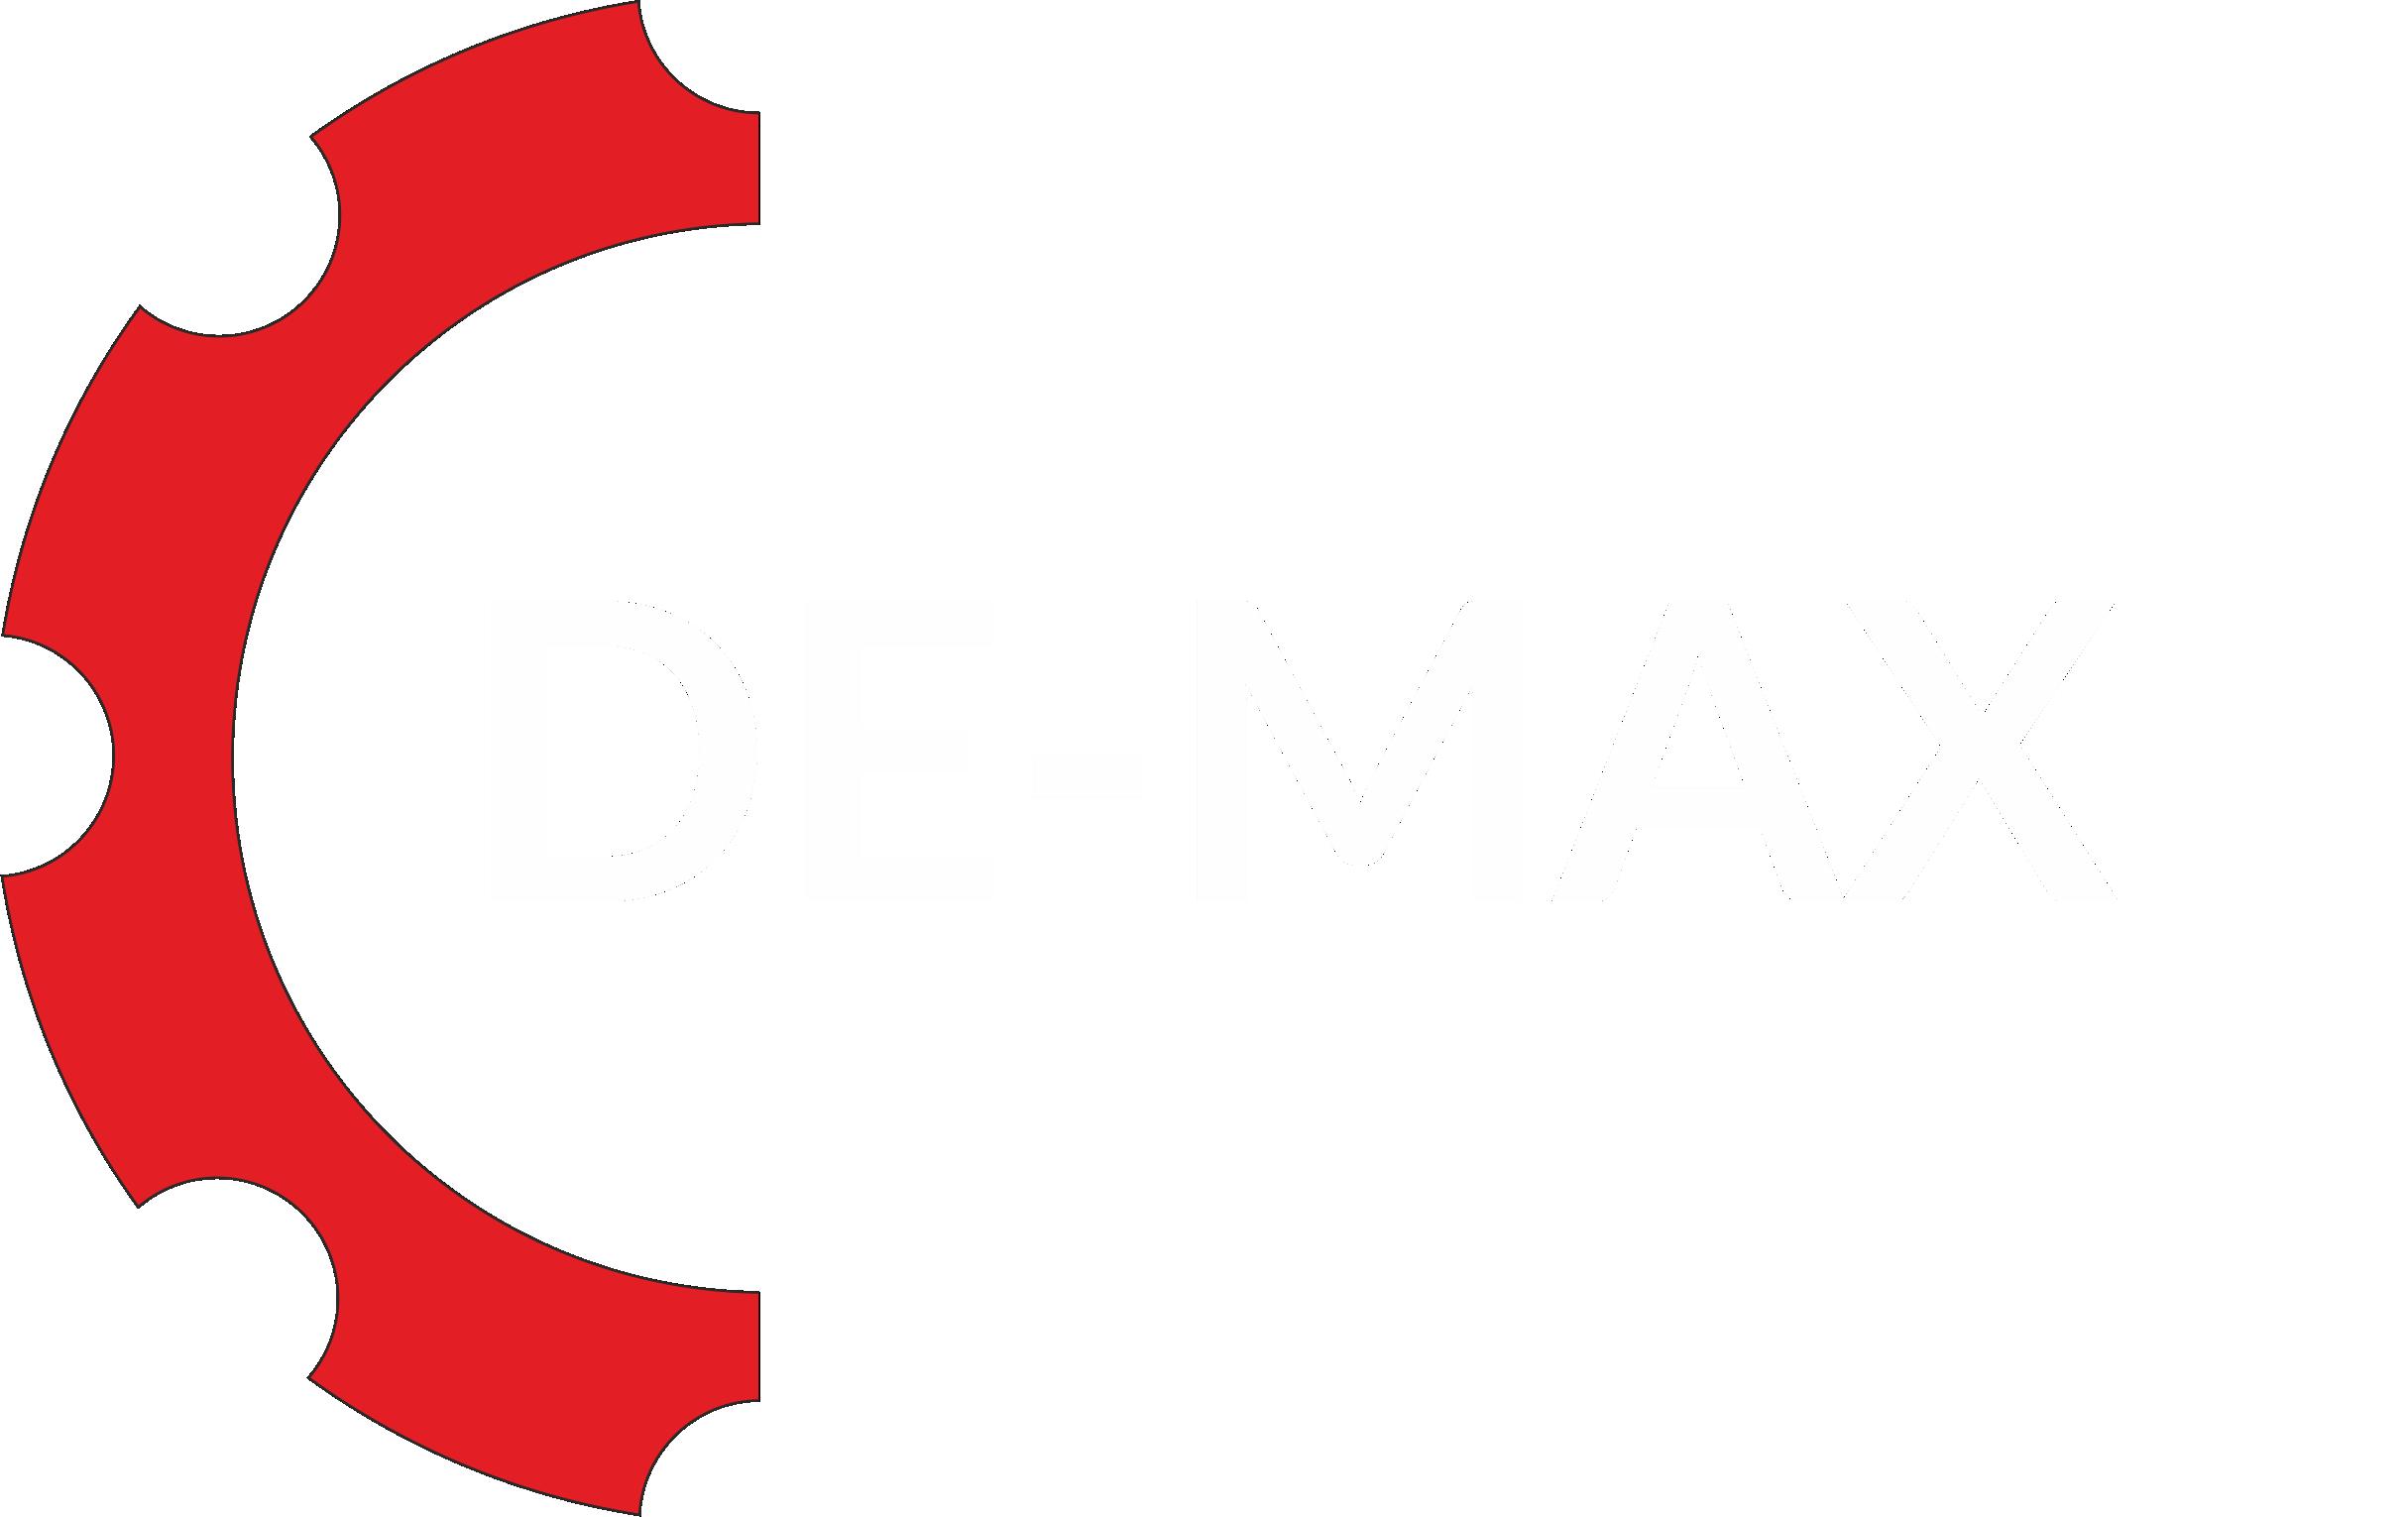 DE-max – wyważanie przemysłowe, spawalnictwo, gięcie blach, cięcie plazmowe Logo